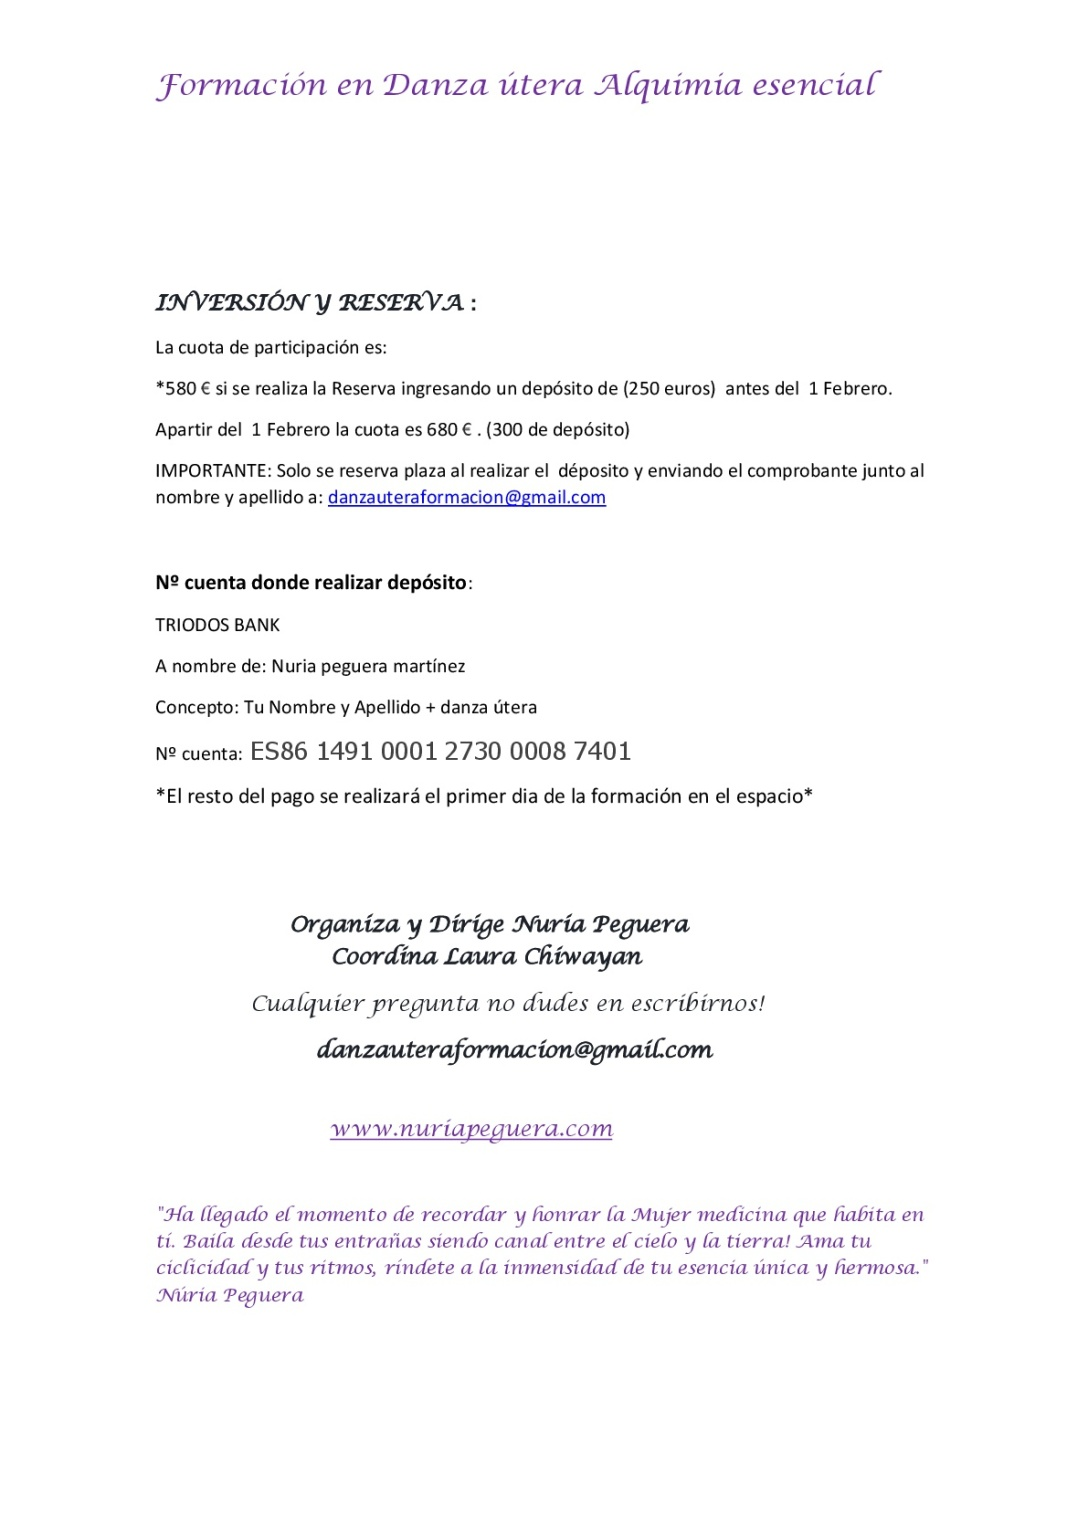 danza-utera-formacion-004